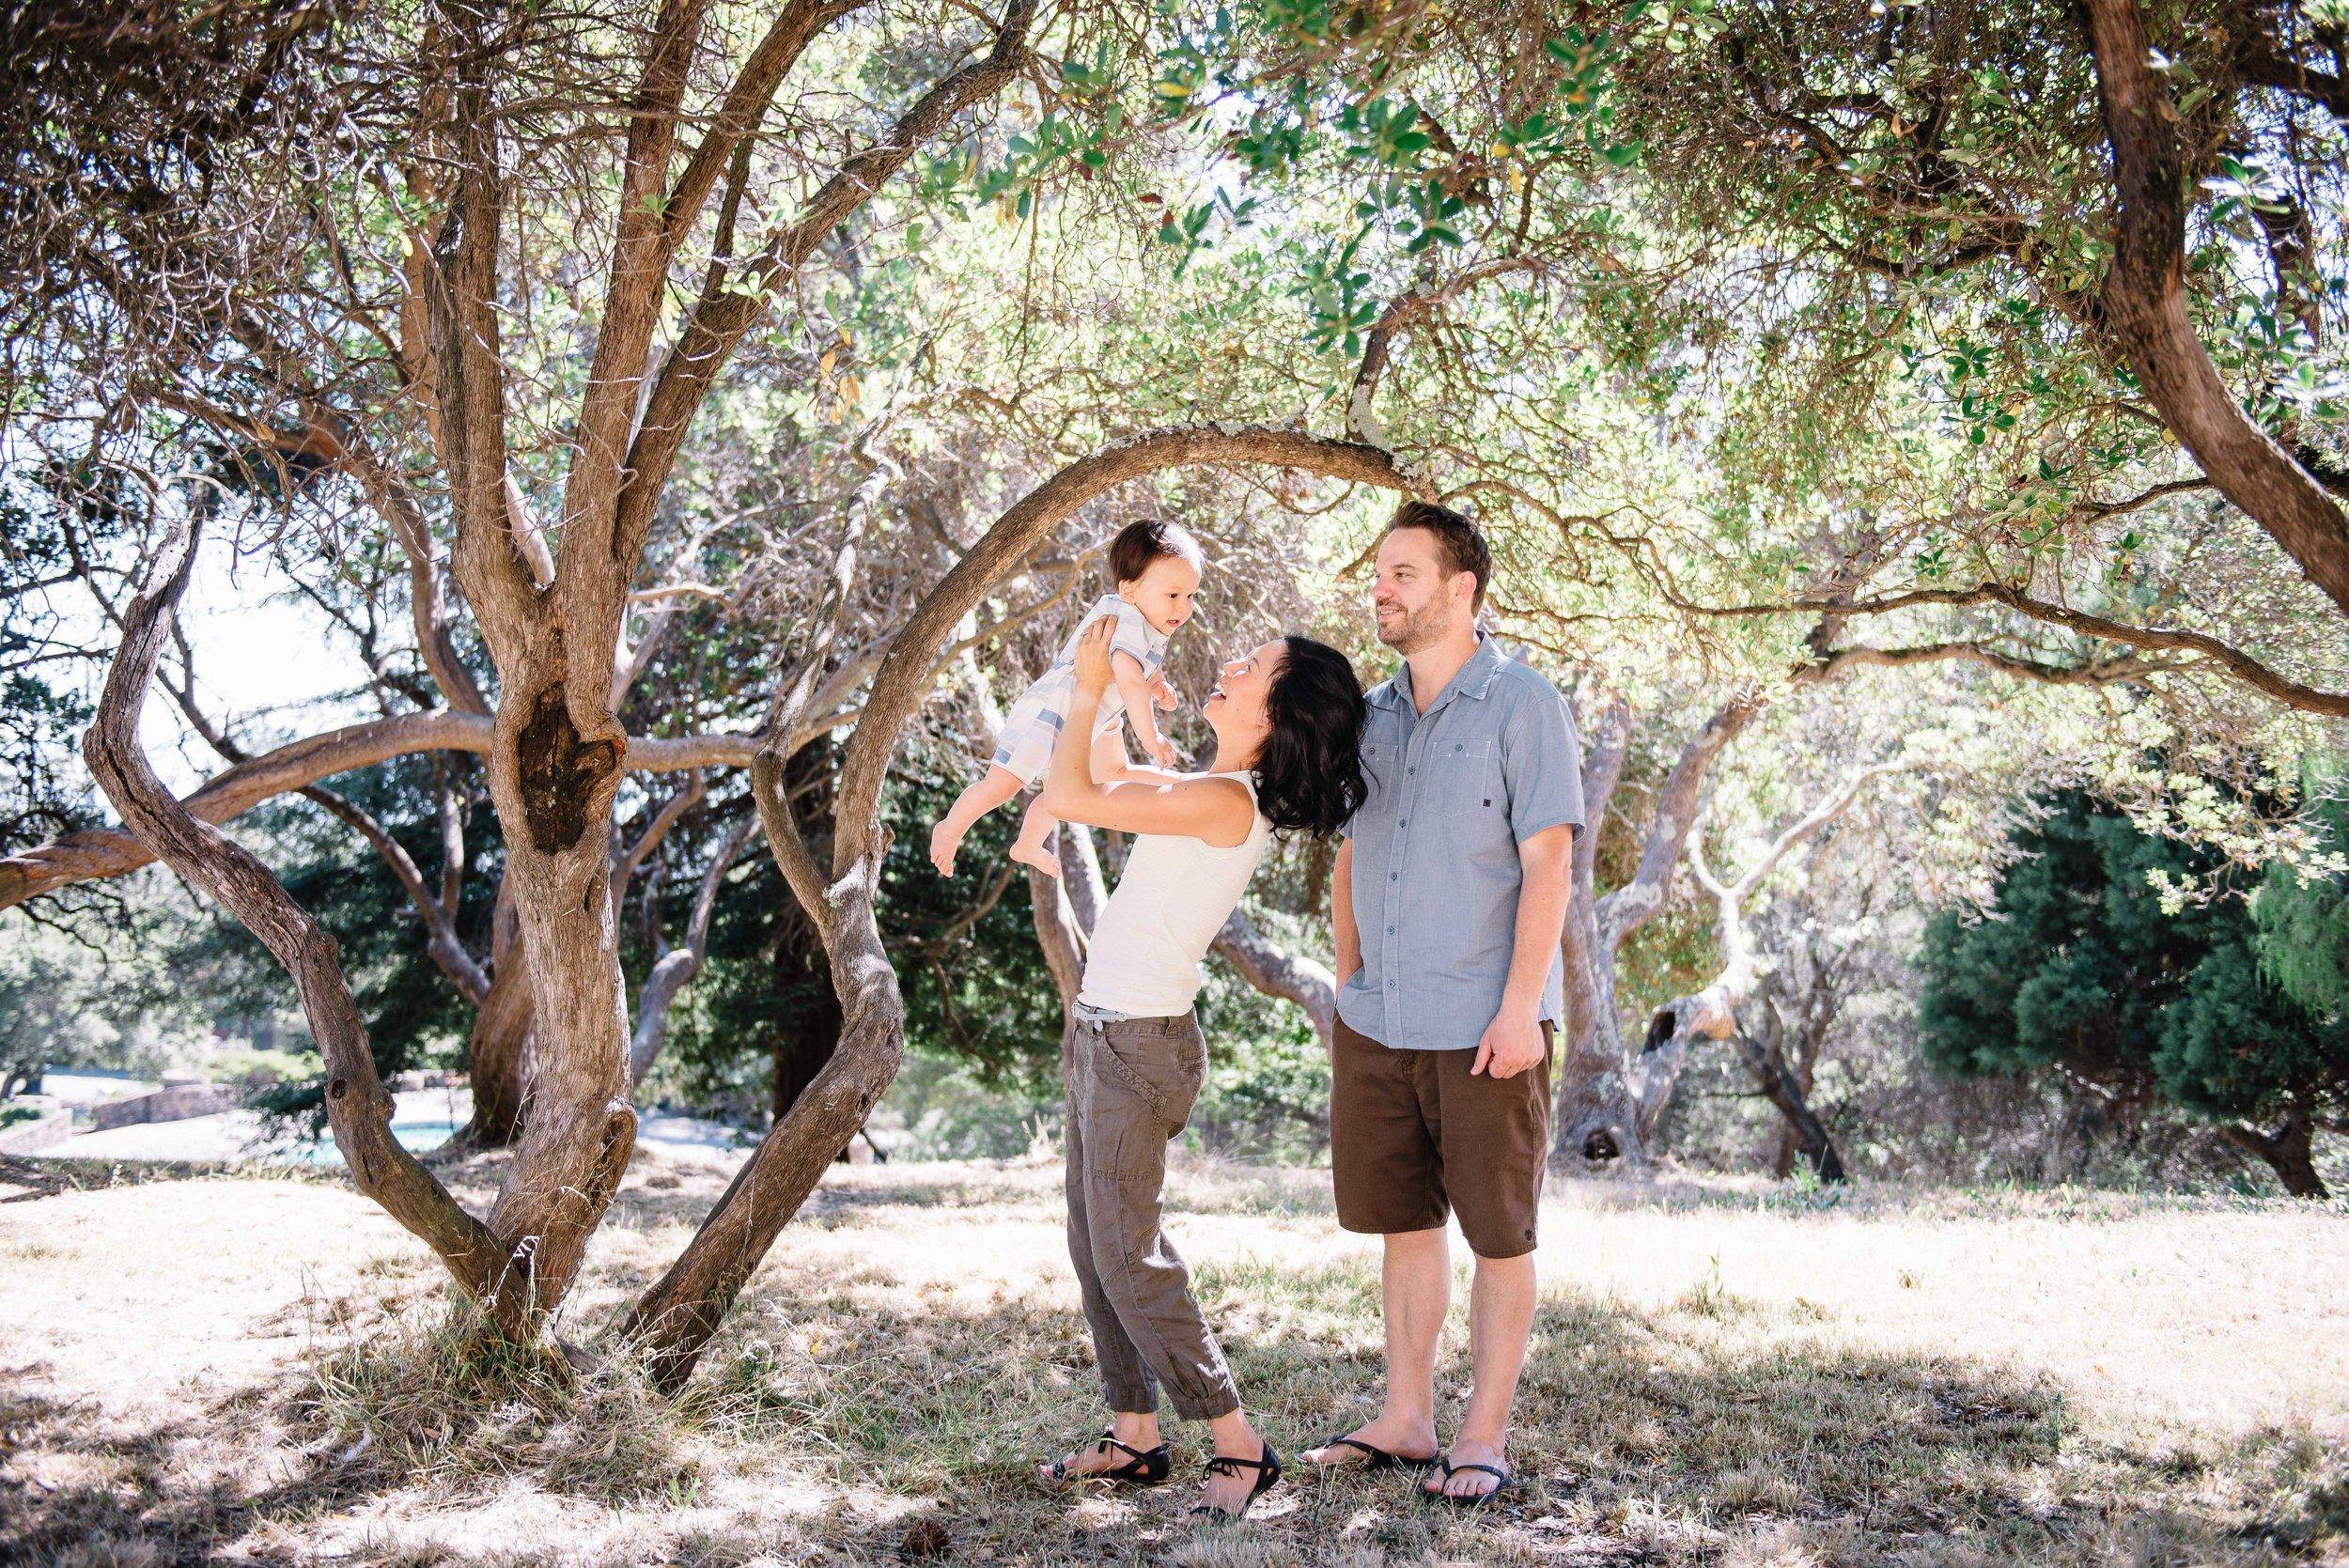 jennifer-jayn-photography-joaquin-miller-park-family-portrait-session-07.jpg